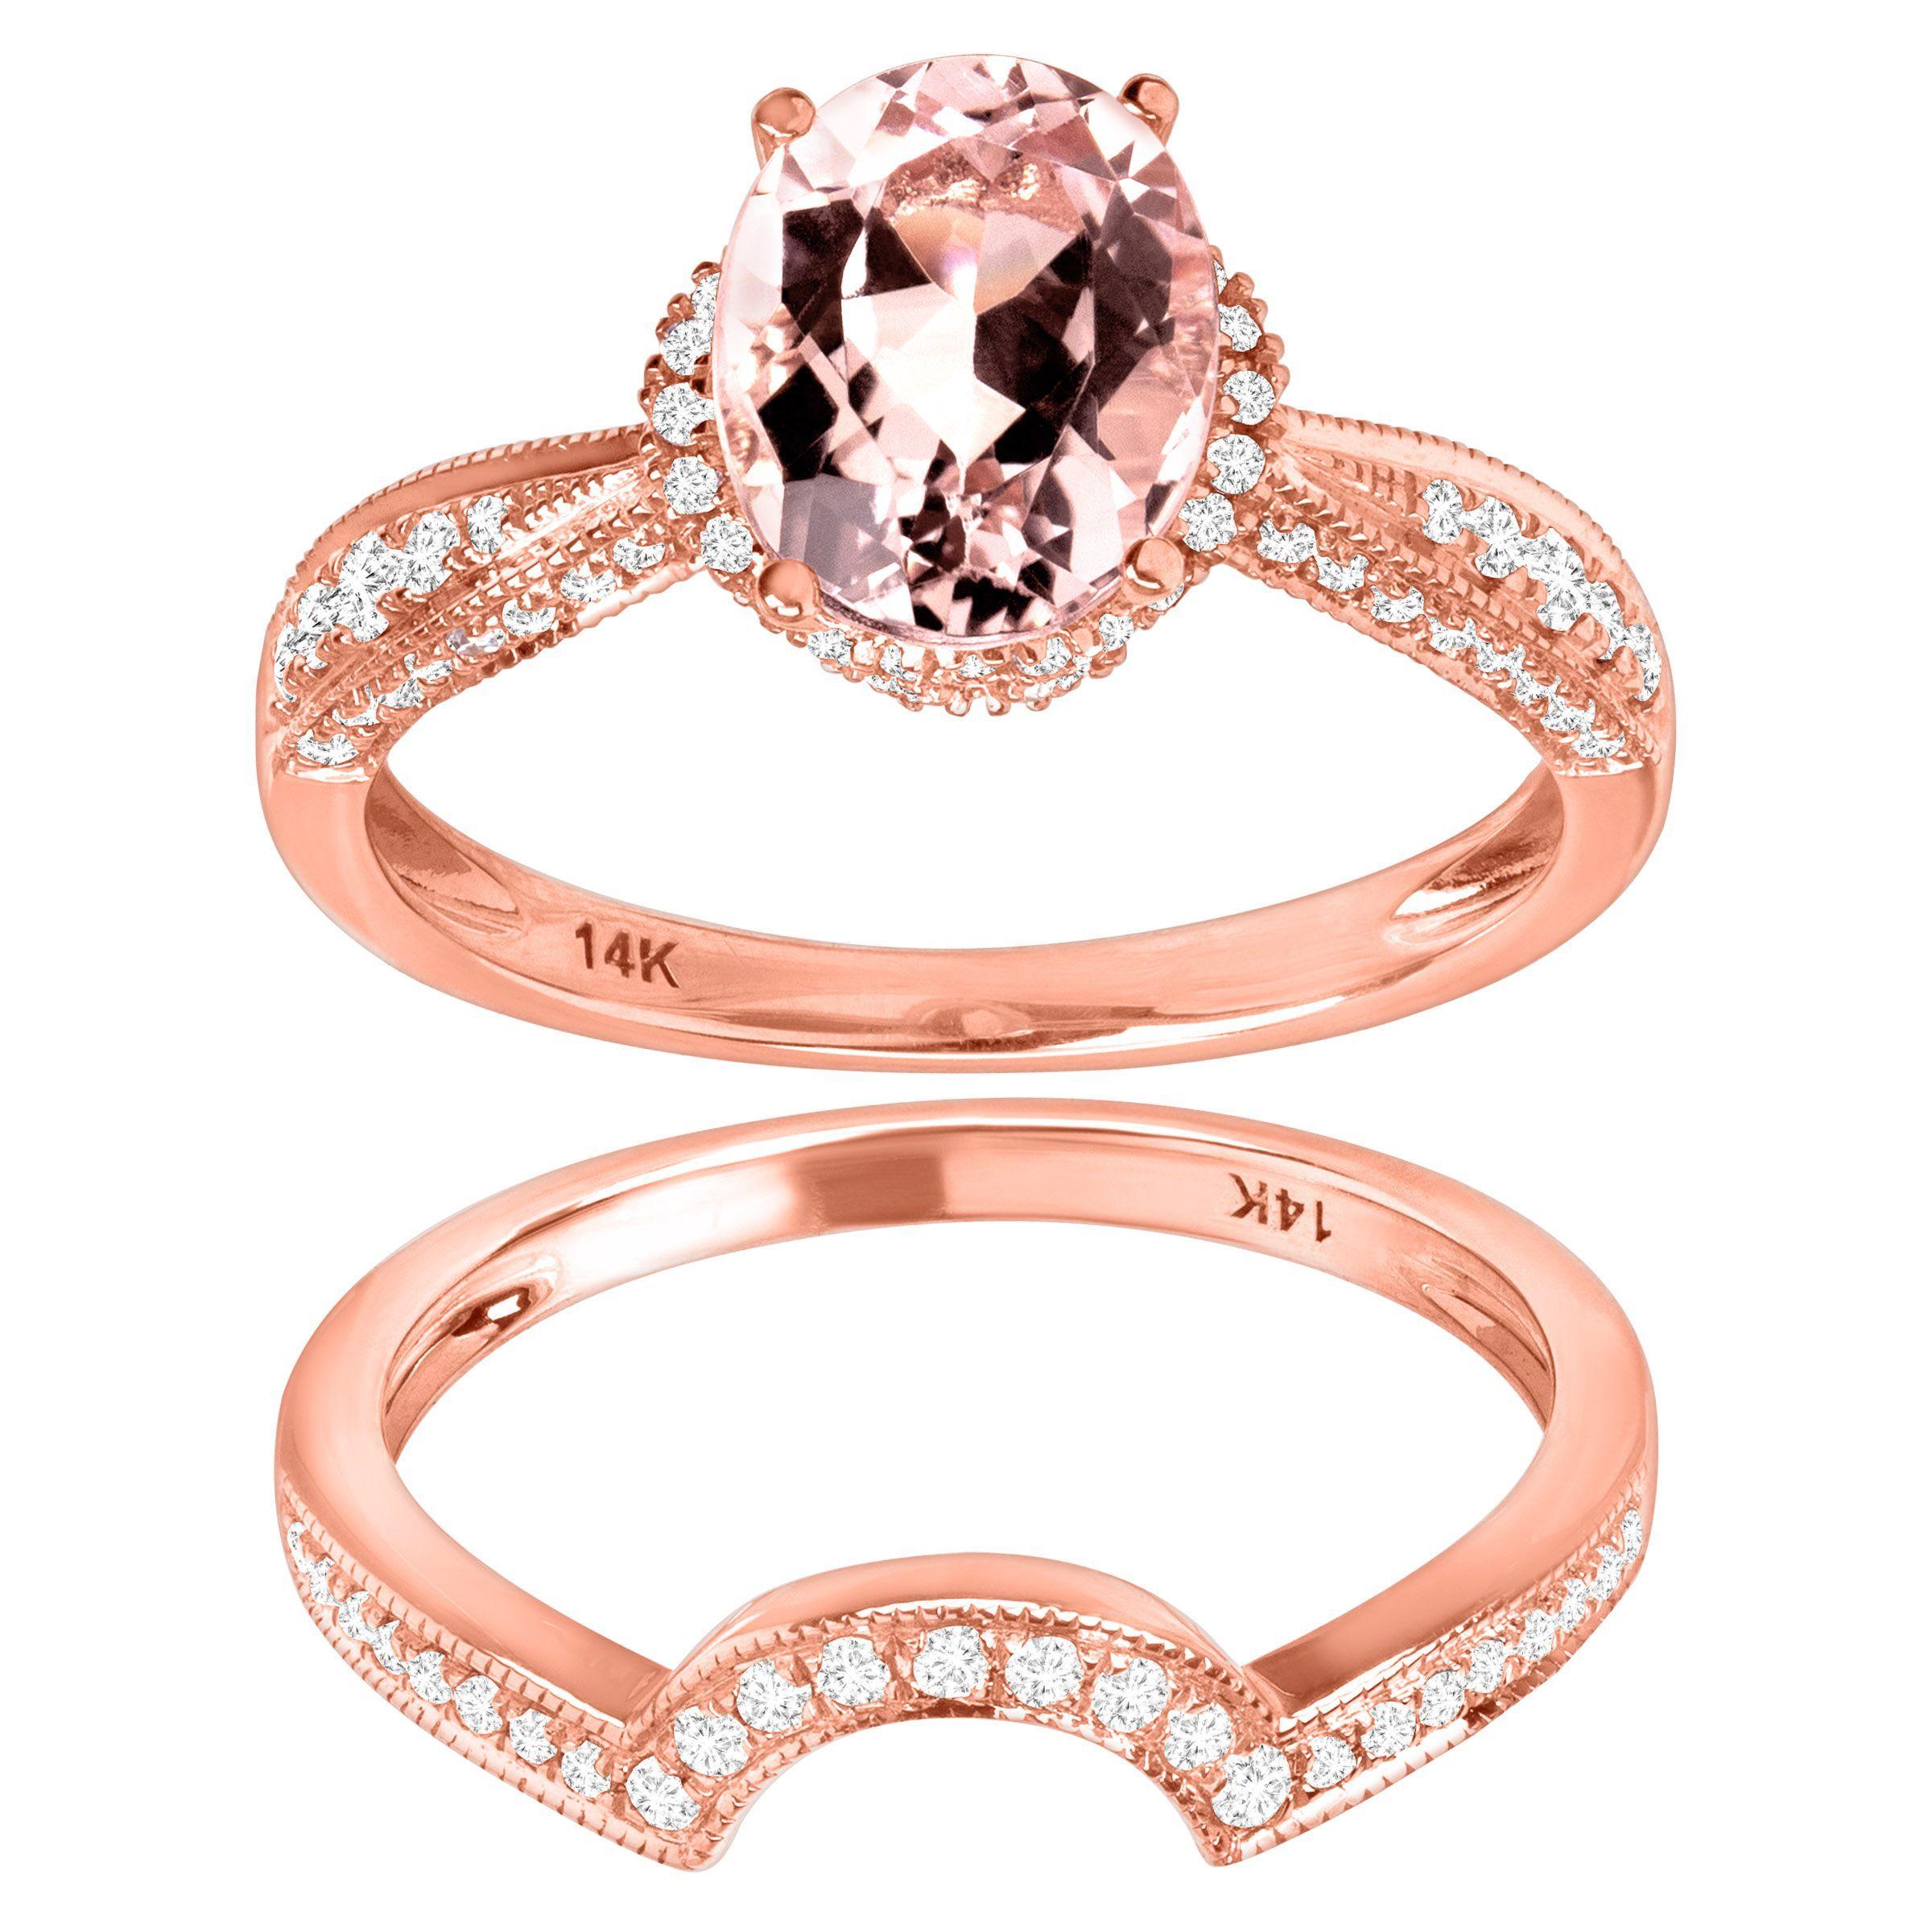 1 3/4 Ct Natural Morganite & 3/8 Ct Diamond Engagement